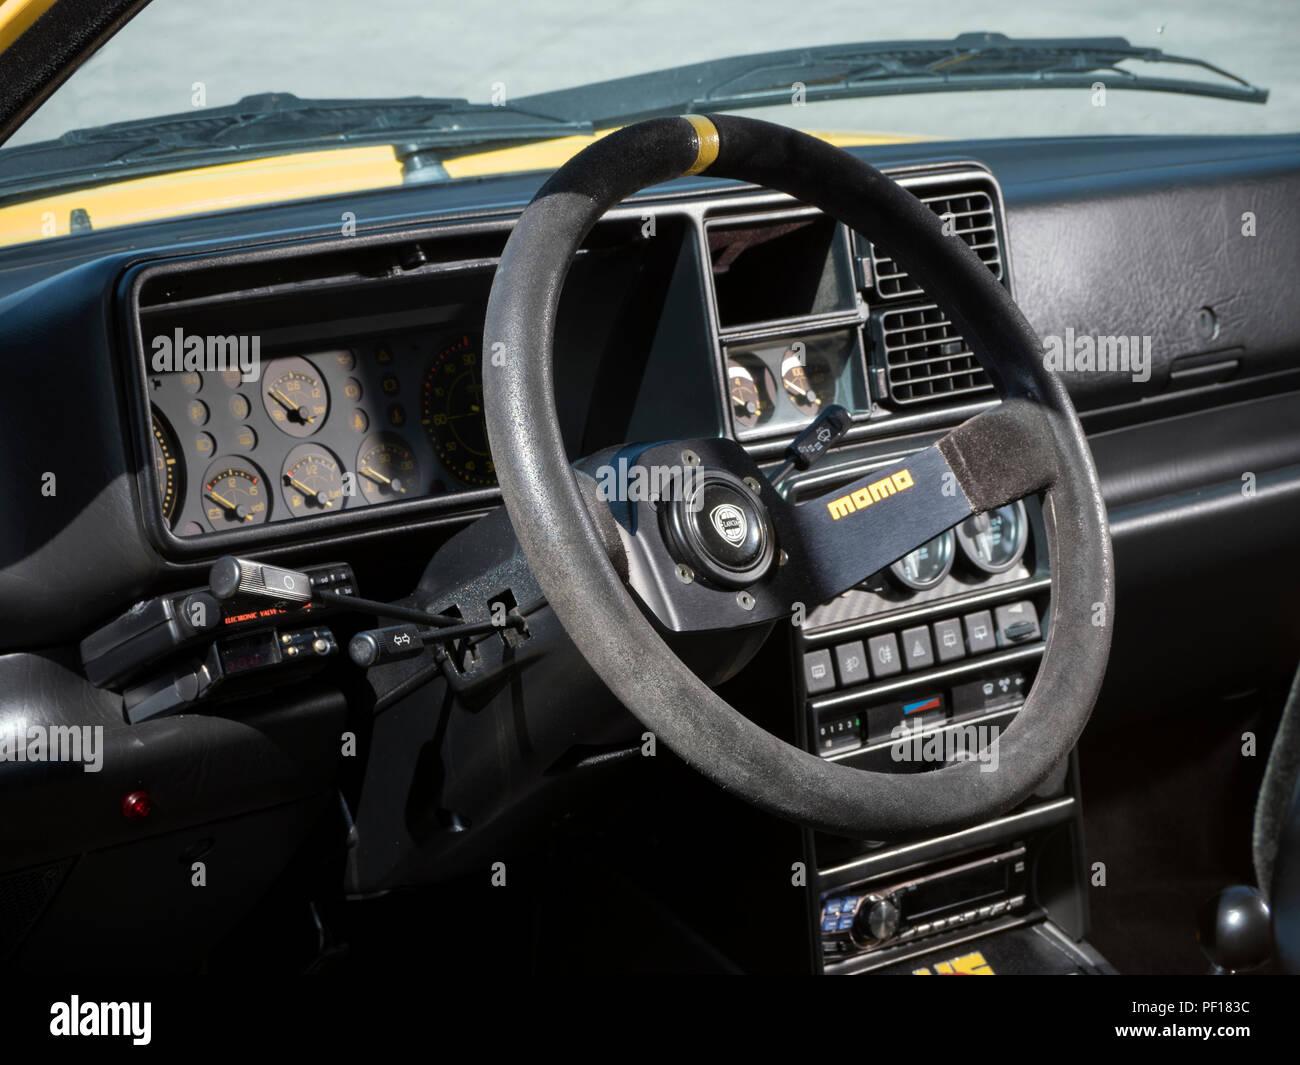 1995 Lancia Delta Integrale Evo II - Stock Image